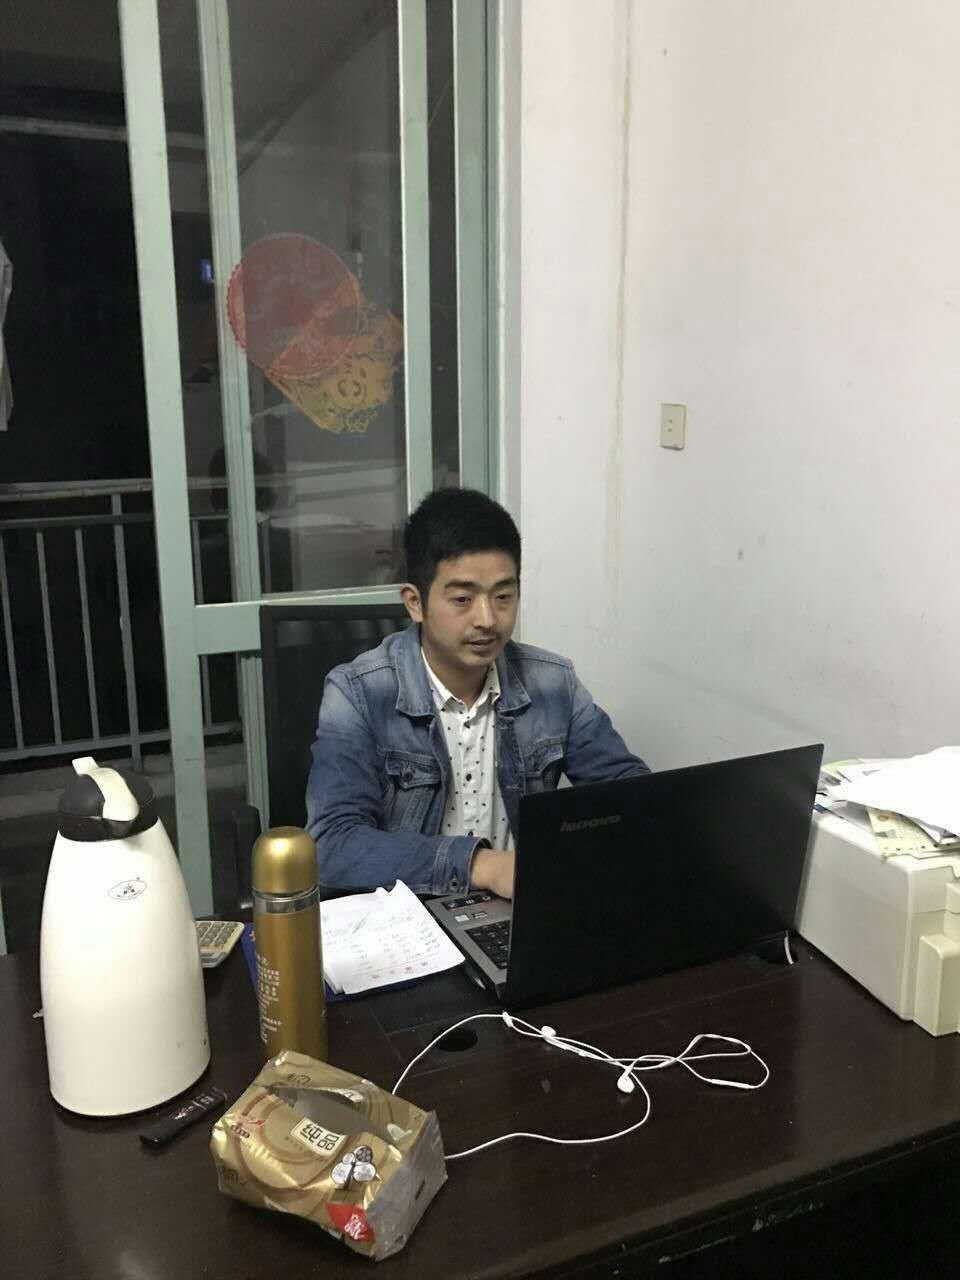 上海到赣州物流专线(上海捷堡物流有限公司)